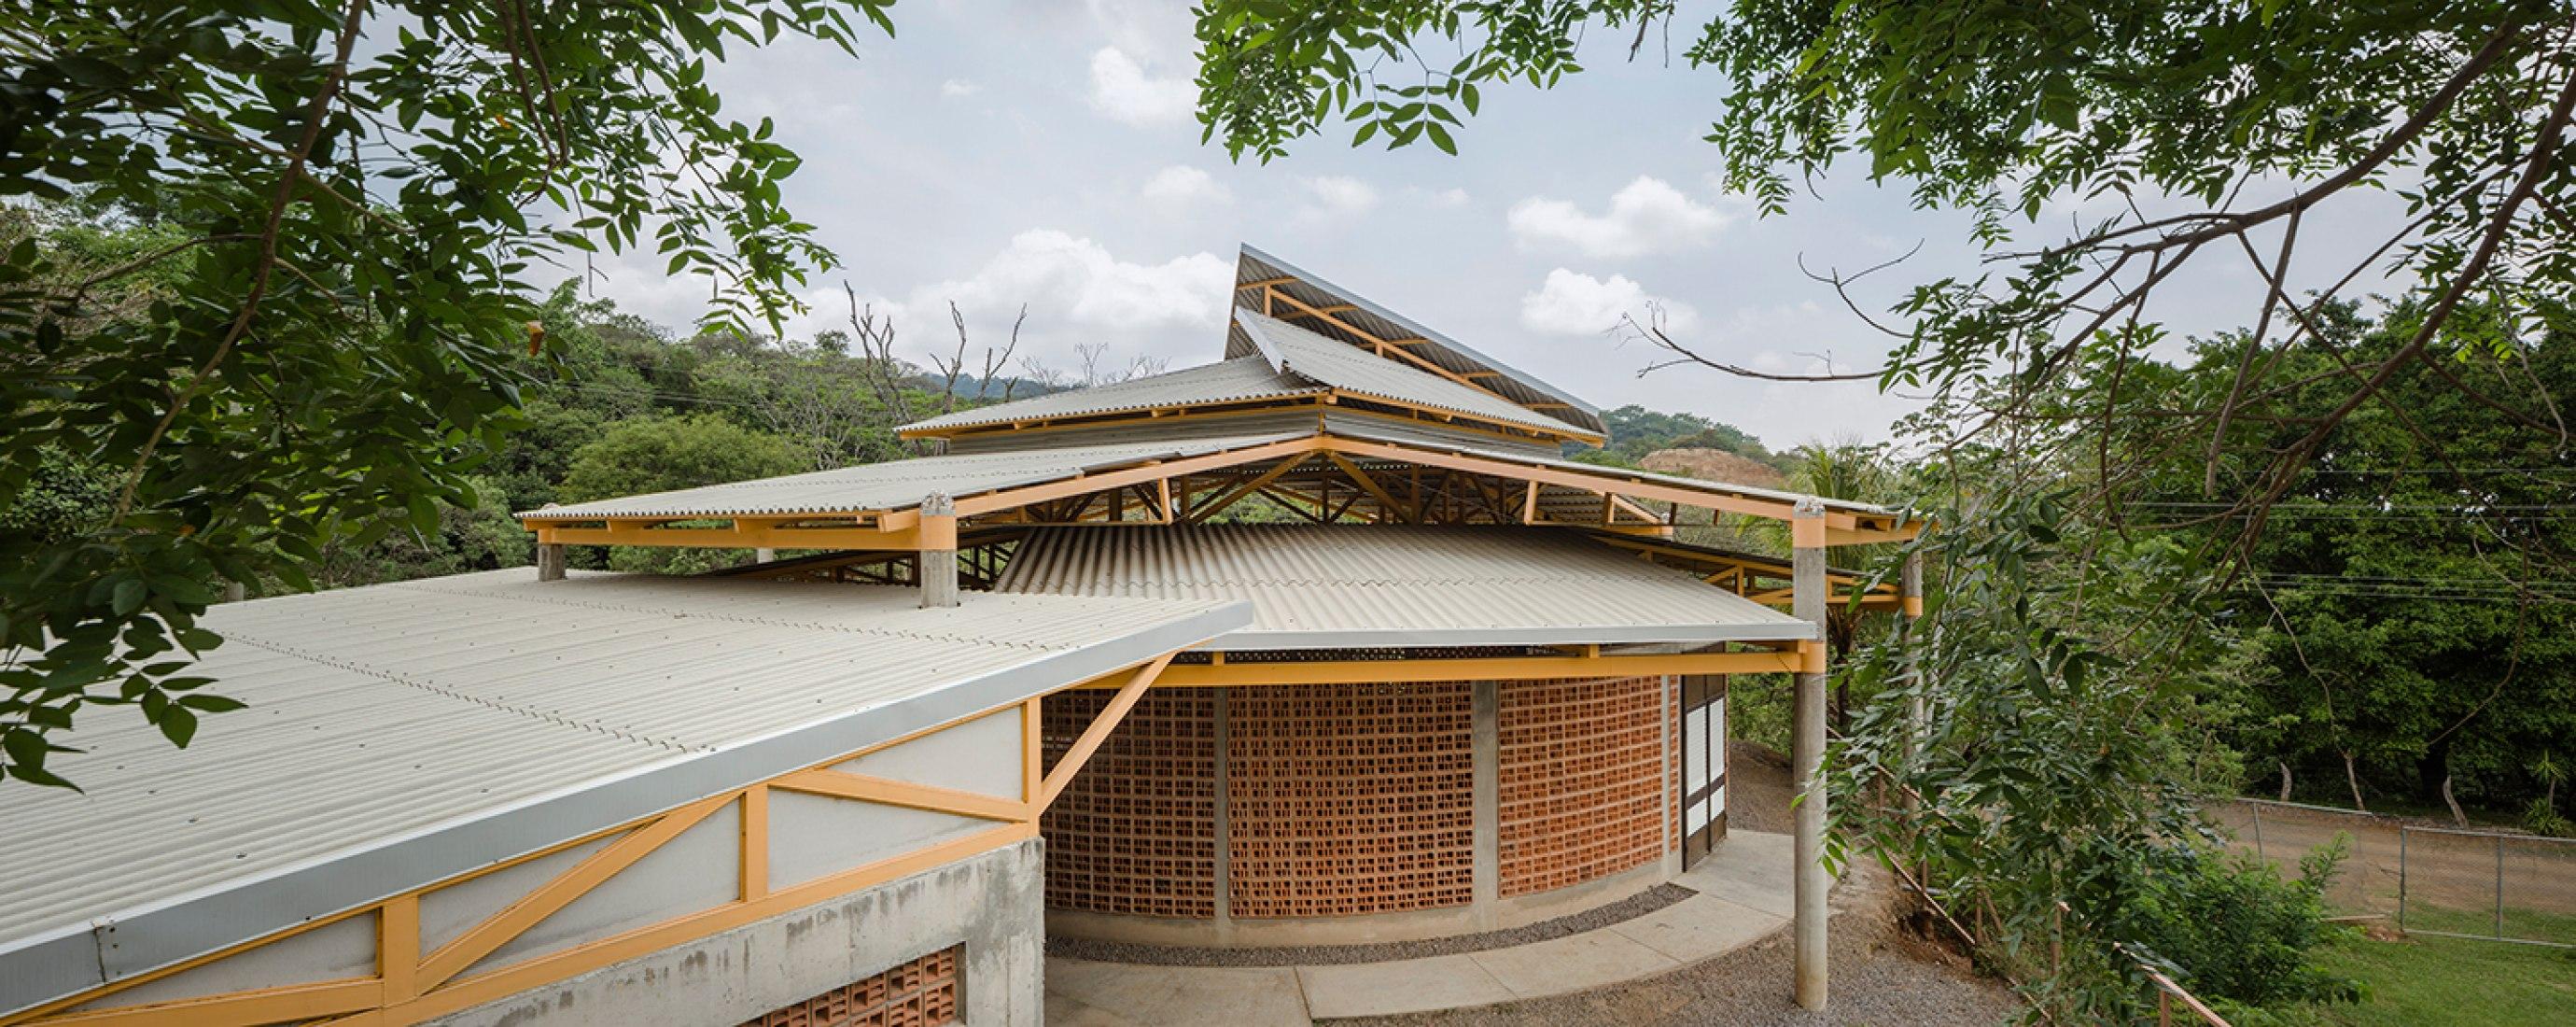 Vista exterior. Centro comunitario en El Rodeo de Mora por Fournier Rojas Arquitectos. Fotografía © Fernando Alda.